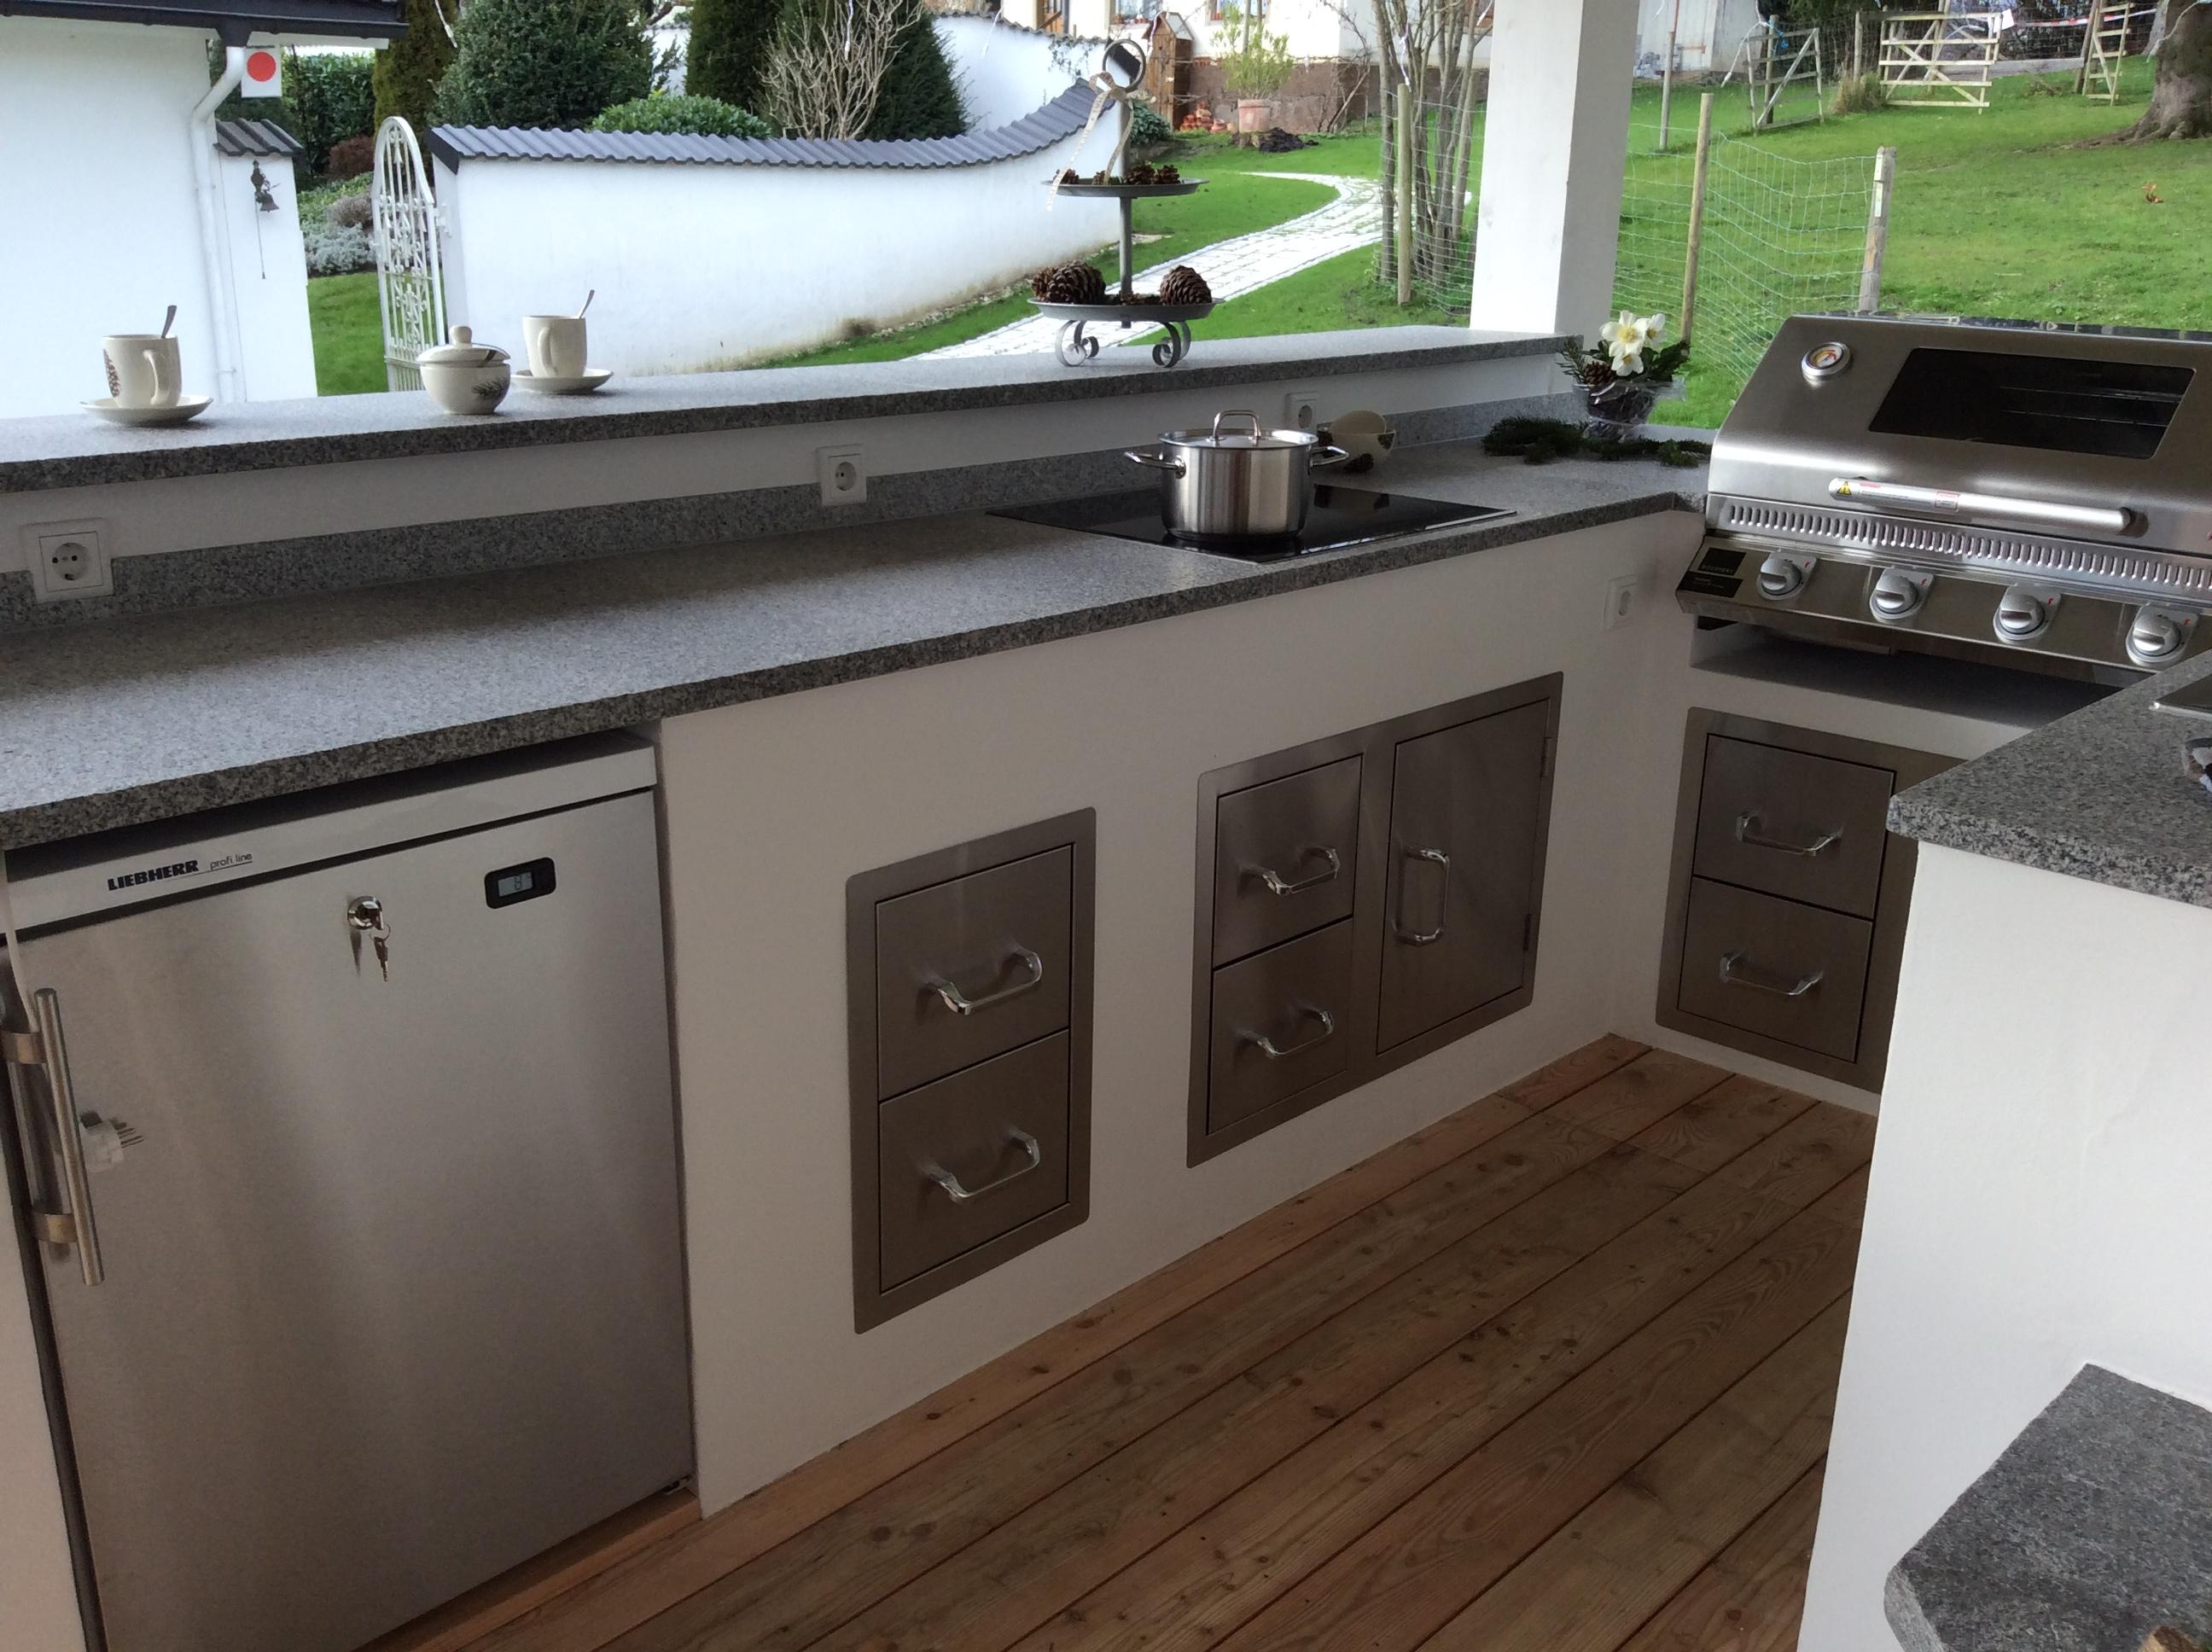 Outdoorküche Arbeitsplatte Xxl : Arbeitsplatte für outdoor küche outdoor küche selber planen